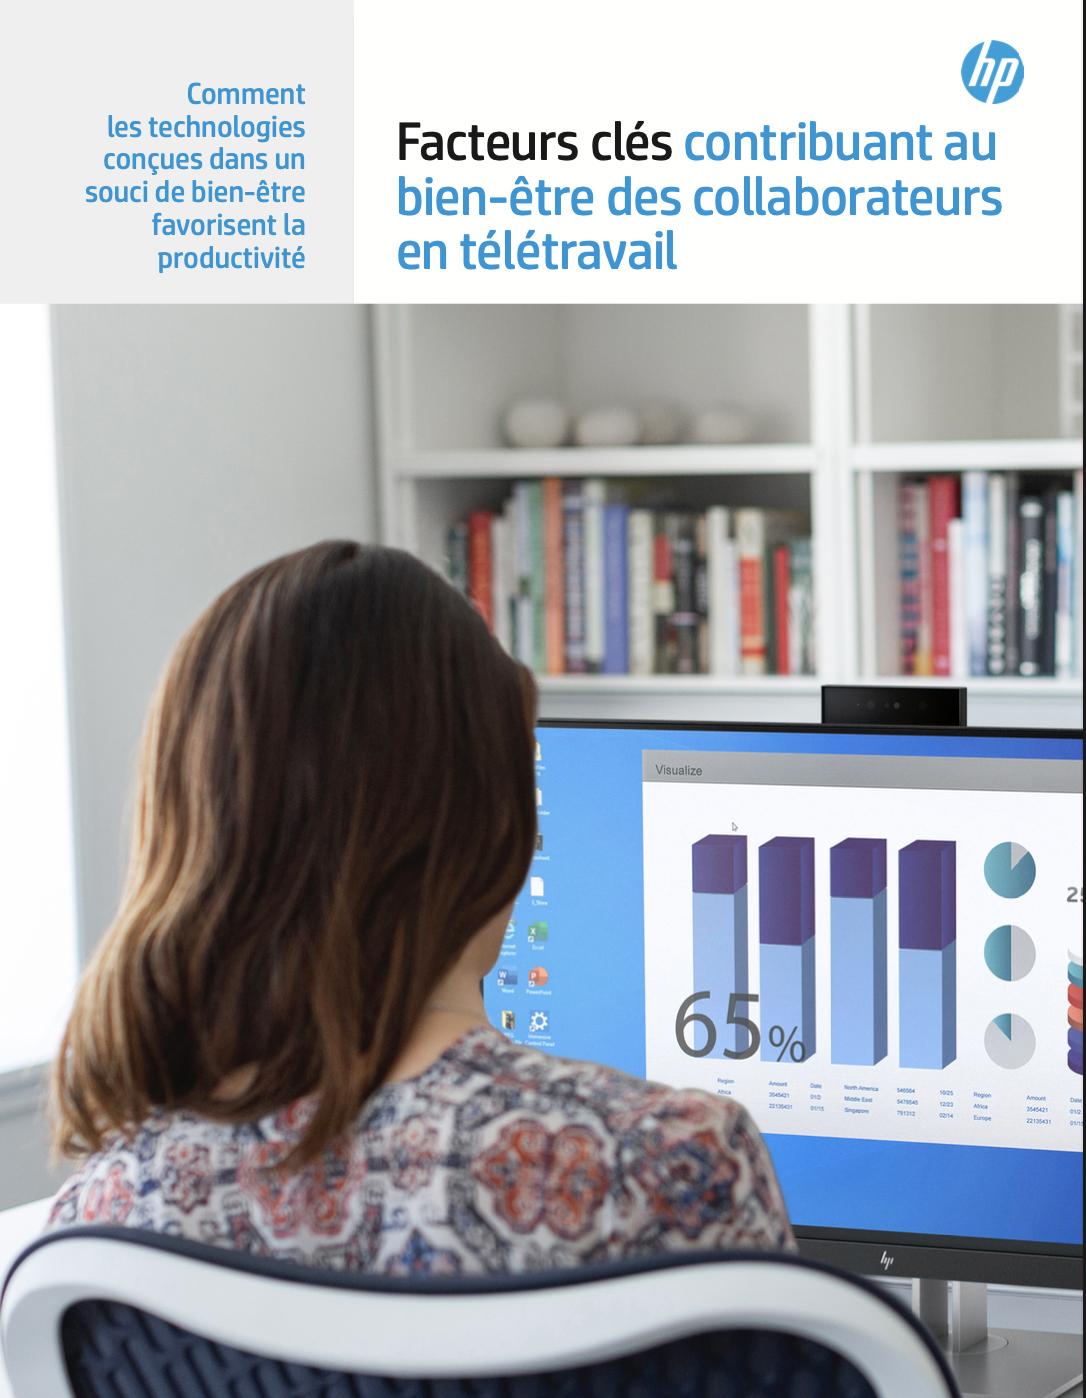 Facteurs clés contribuant au bien-être des collaborateurs en télétravail.